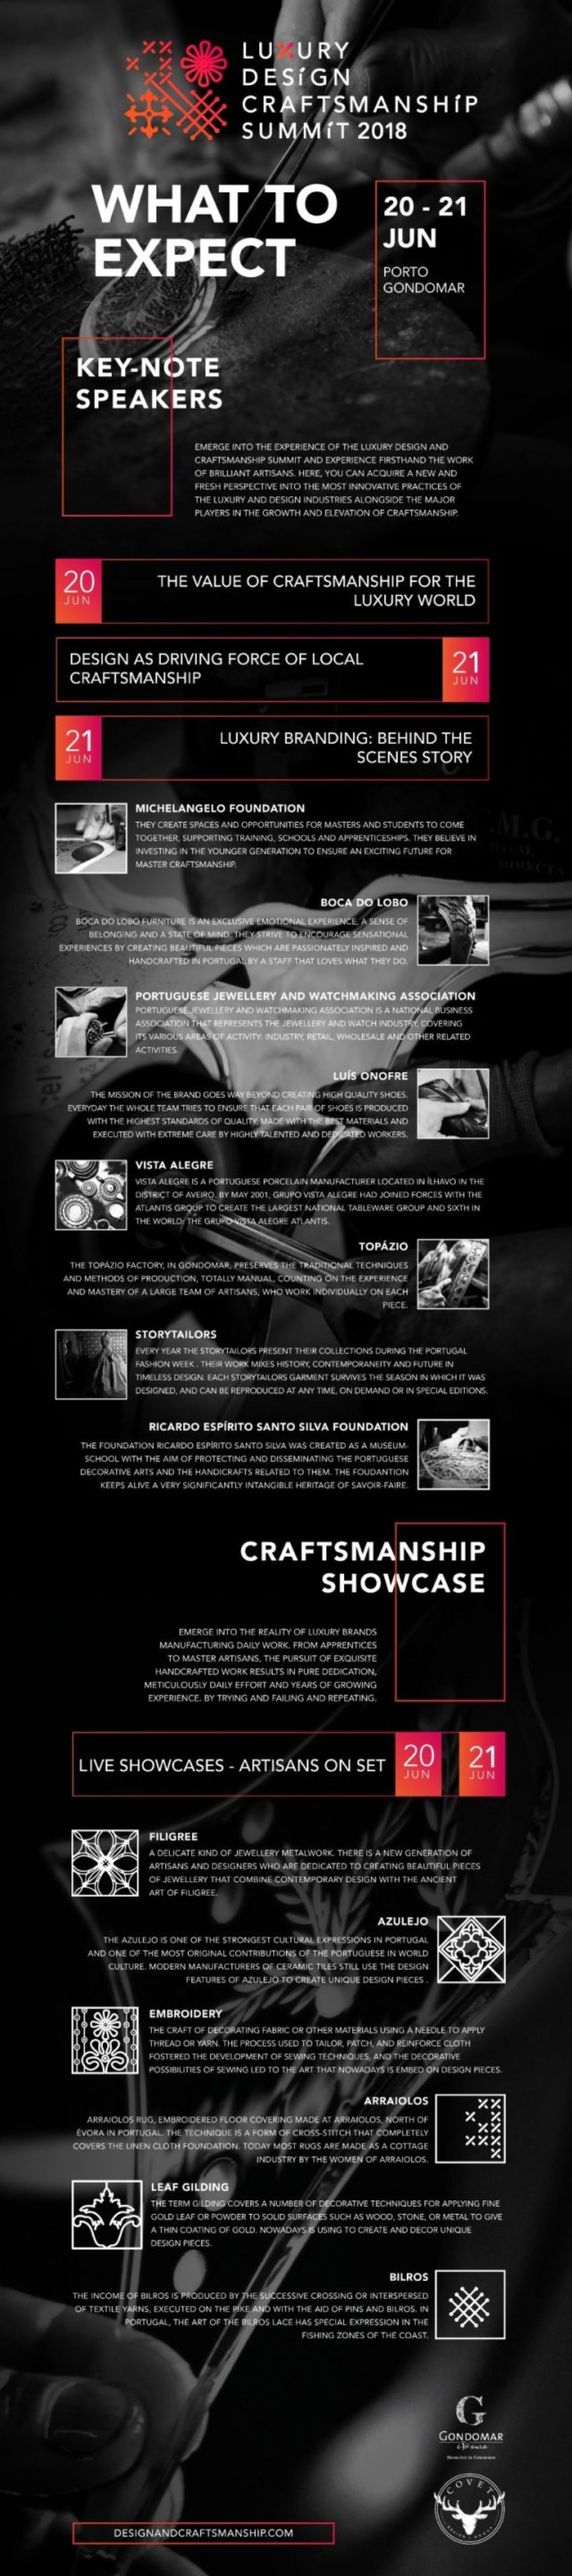 kuxury design and craftmanship summit 2018 Luxury Design And Craftsmanship Summit 2018 Luxury Design And Craftsmanship Summit 2018: Everything You Need to Know! untitled